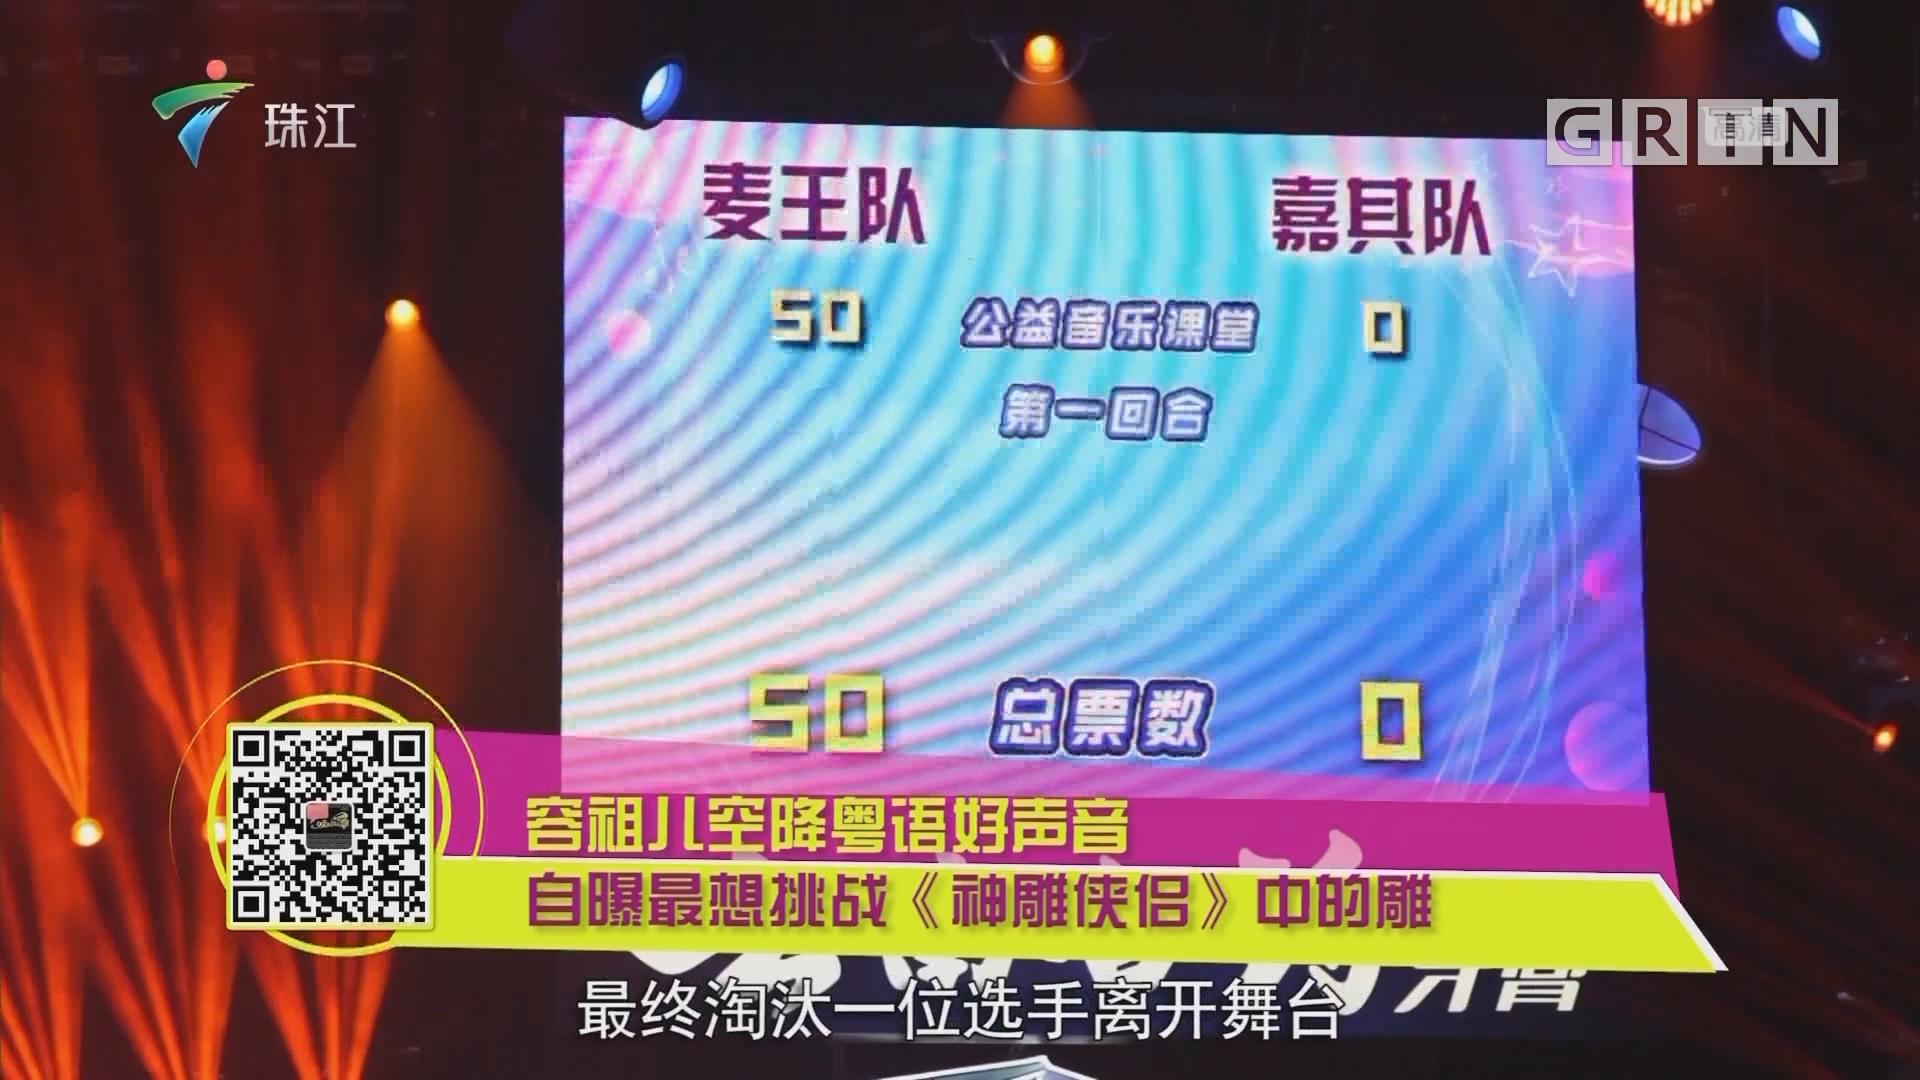 容祖儿空降粤语好声音 自曝最想挑战《神雕侠侣》中的雕